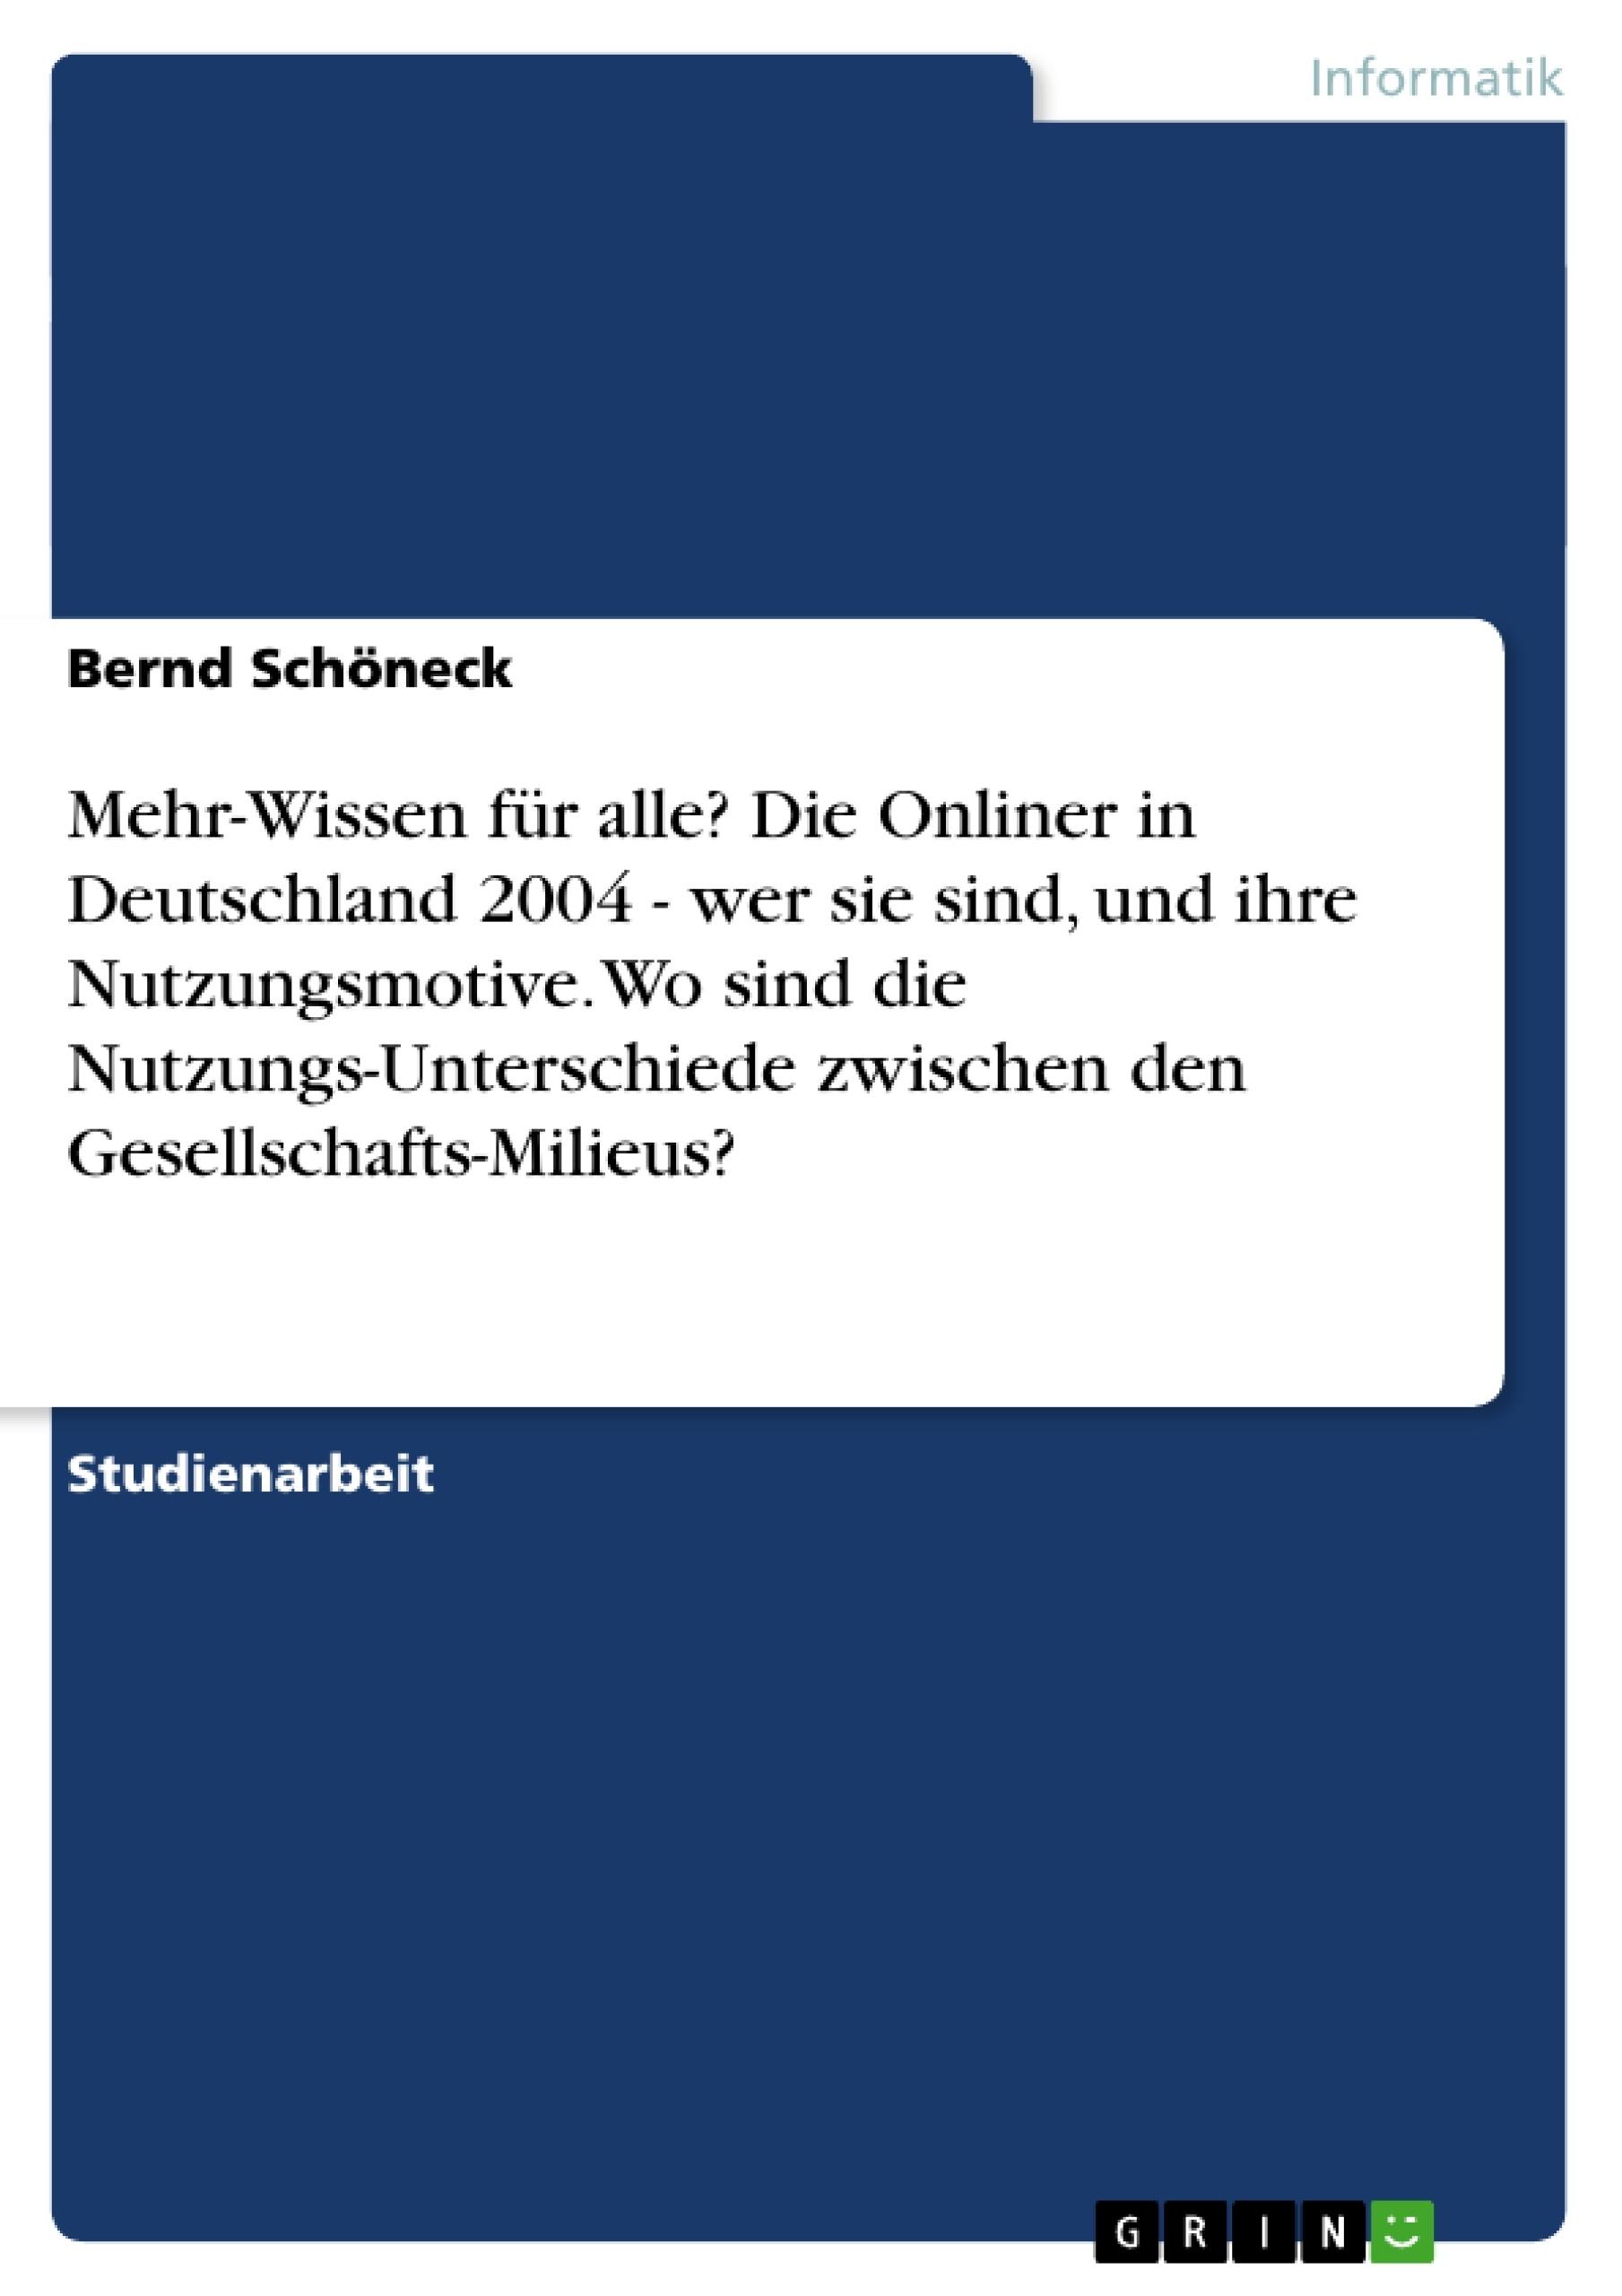 Titel: Mehr-Wissen für alle? Die Onliner in Deutschland 2004 - wer sie sind, und ihre Nutzungsmotive. Wo sind die Nutzungs-Unterschiede zwischen den Gesellschafts-Milieus?